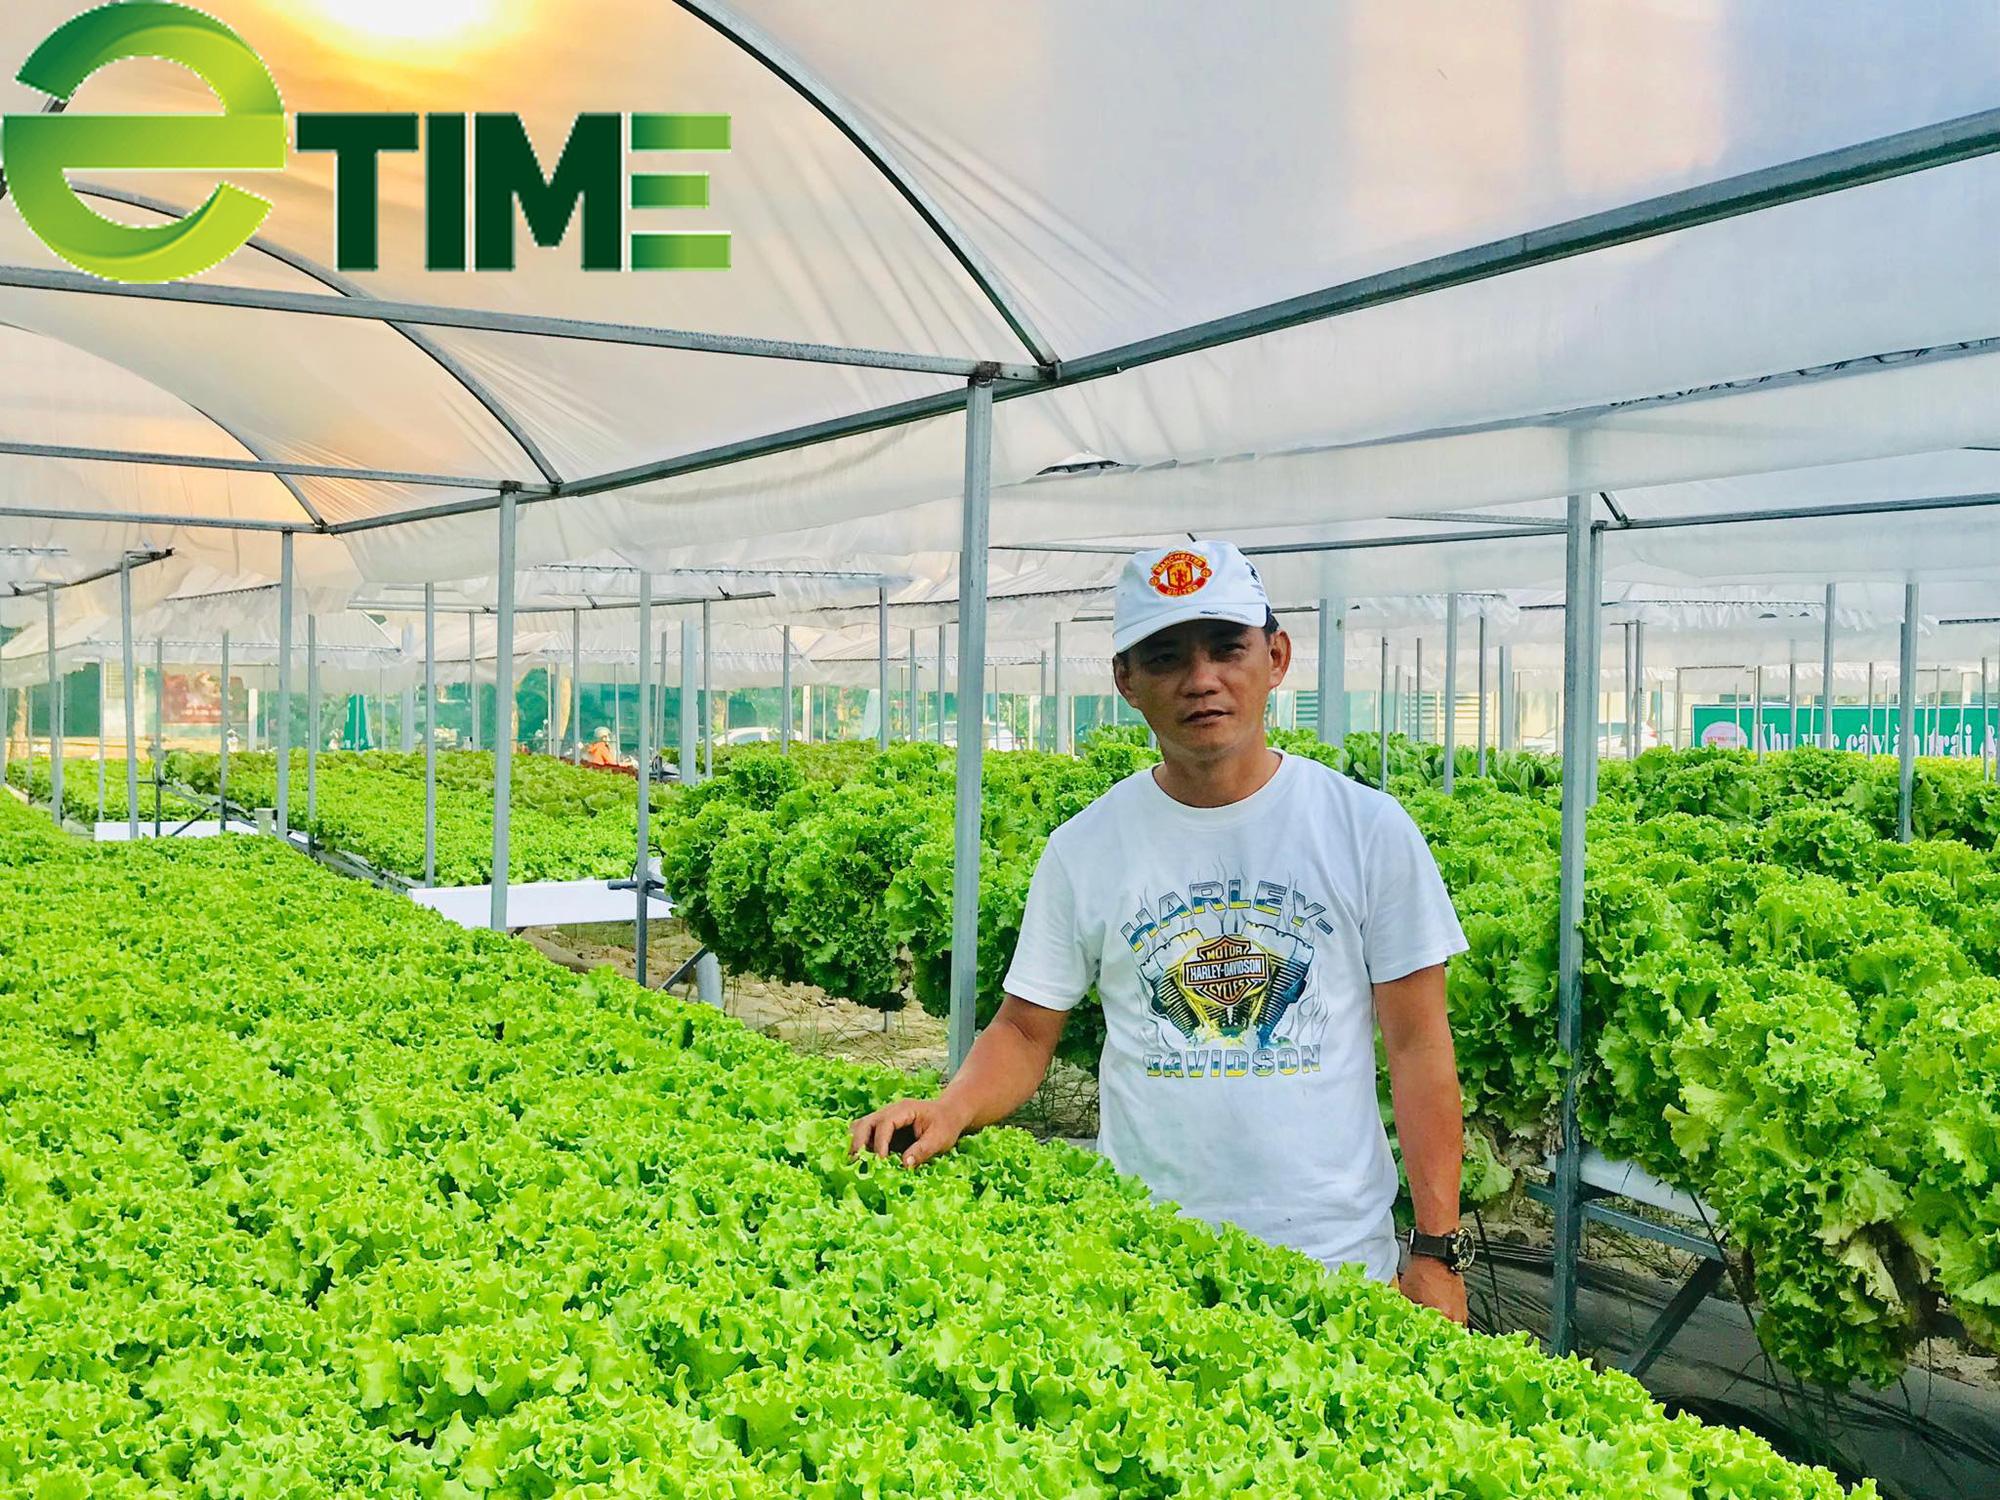 Đà Nẵng: 7X thuê đất để khởi nghiệp từ rau thủy canh, thu 2 triệu đồng/ngày - Ảnh 4.